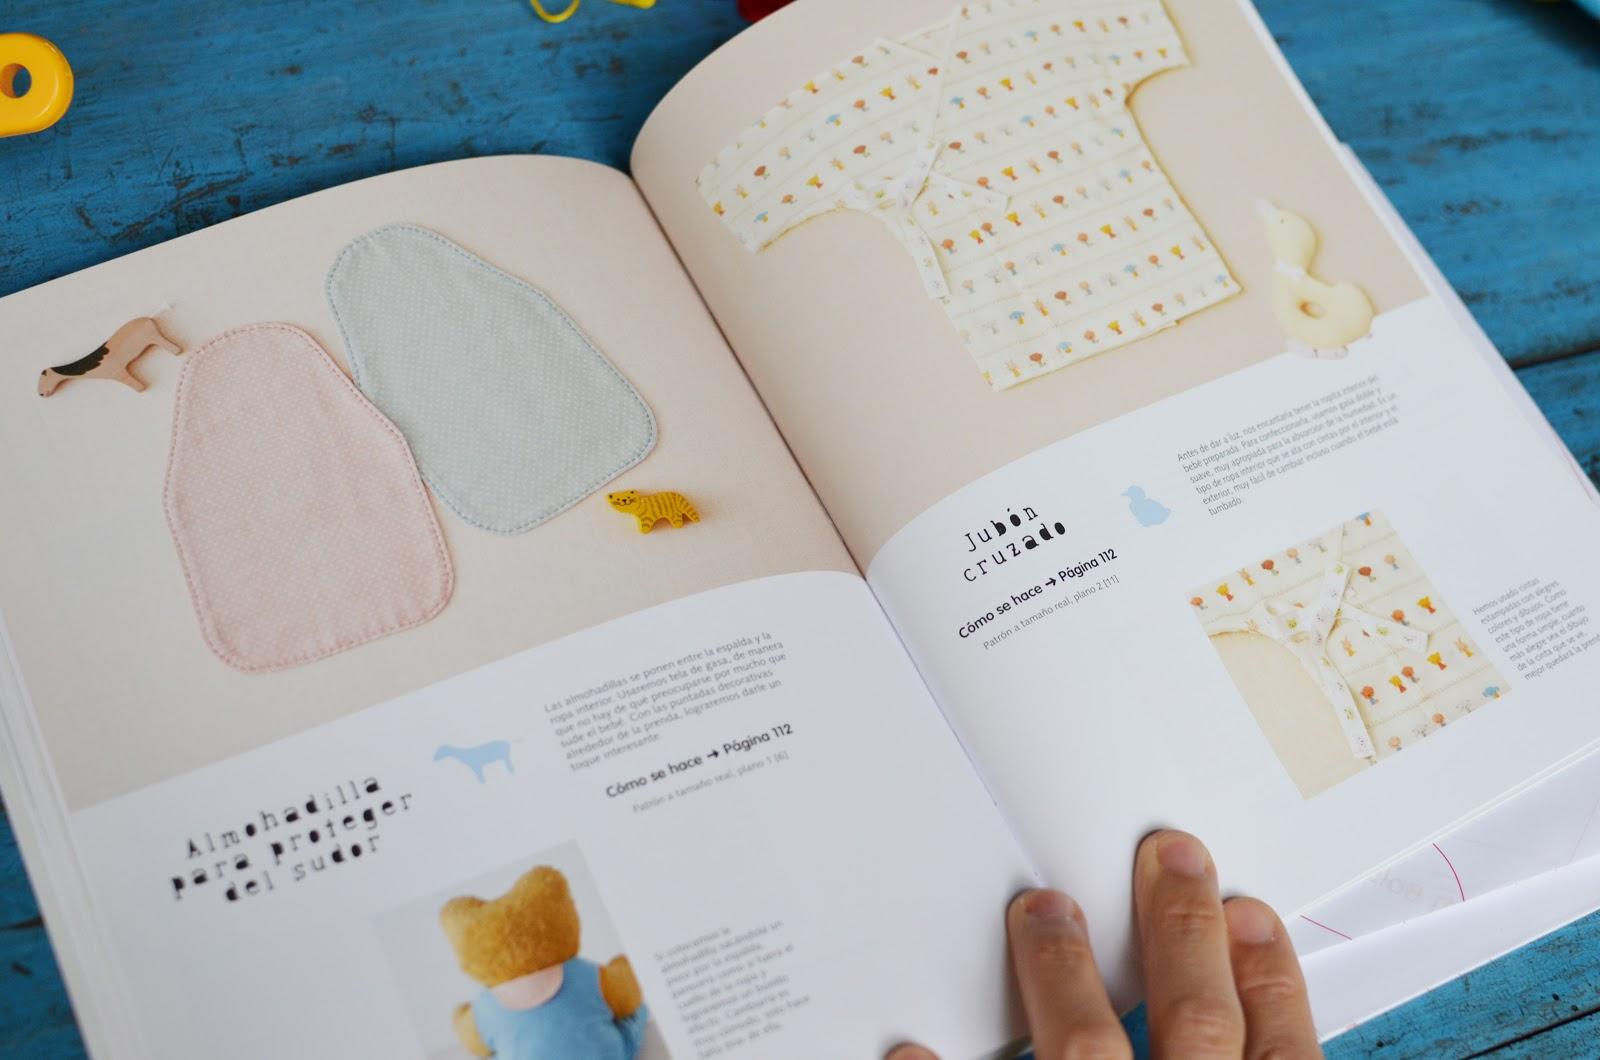 Las Bases de la Costura a mano - ed. GGdiy | Diario de Naii